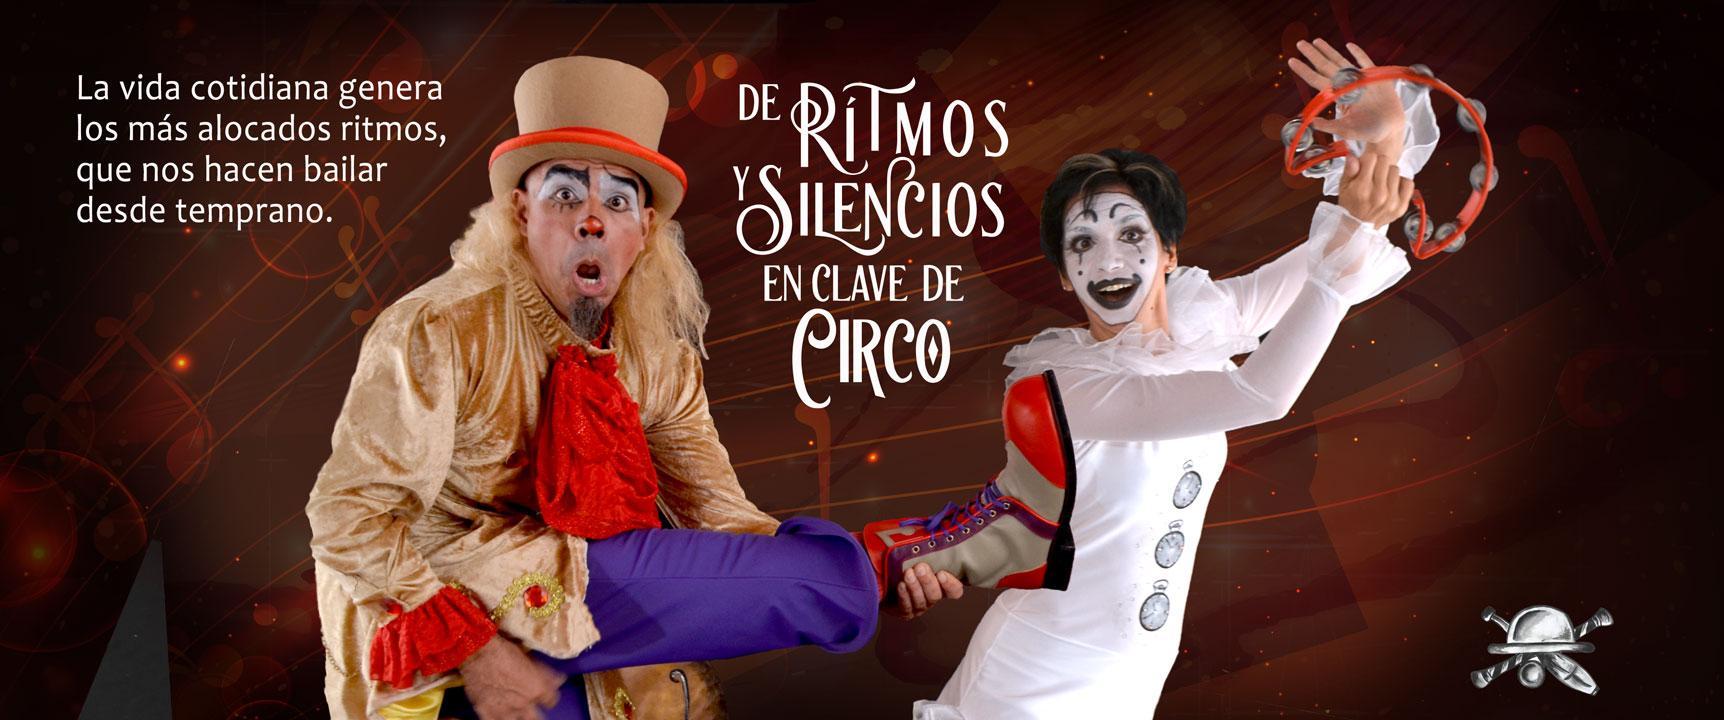 De ritmos y silencios… en clave de Circo